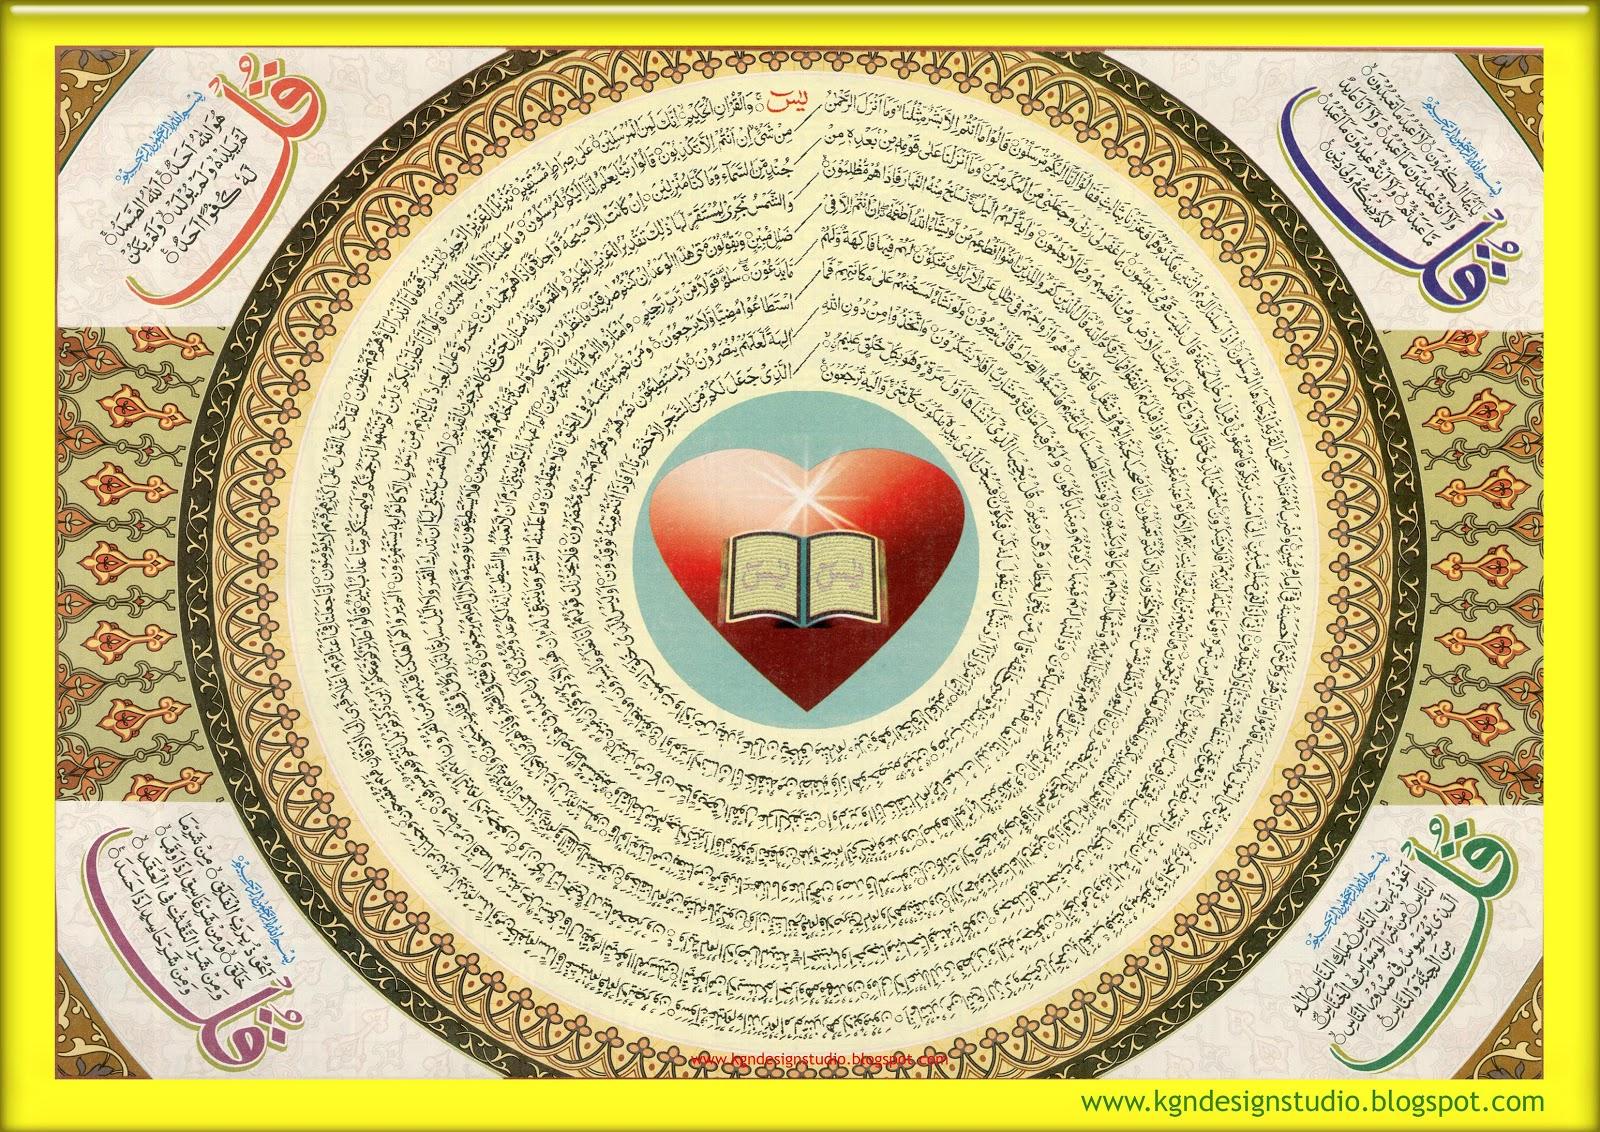 http://4.bp.blogspot.com/-ZGbRtwPLD-A/UObjca57UqI/AAAAAAAACS4/50x3csJkCzk/s1600/Eid-e-Milad-Wallpaper-18.jpg